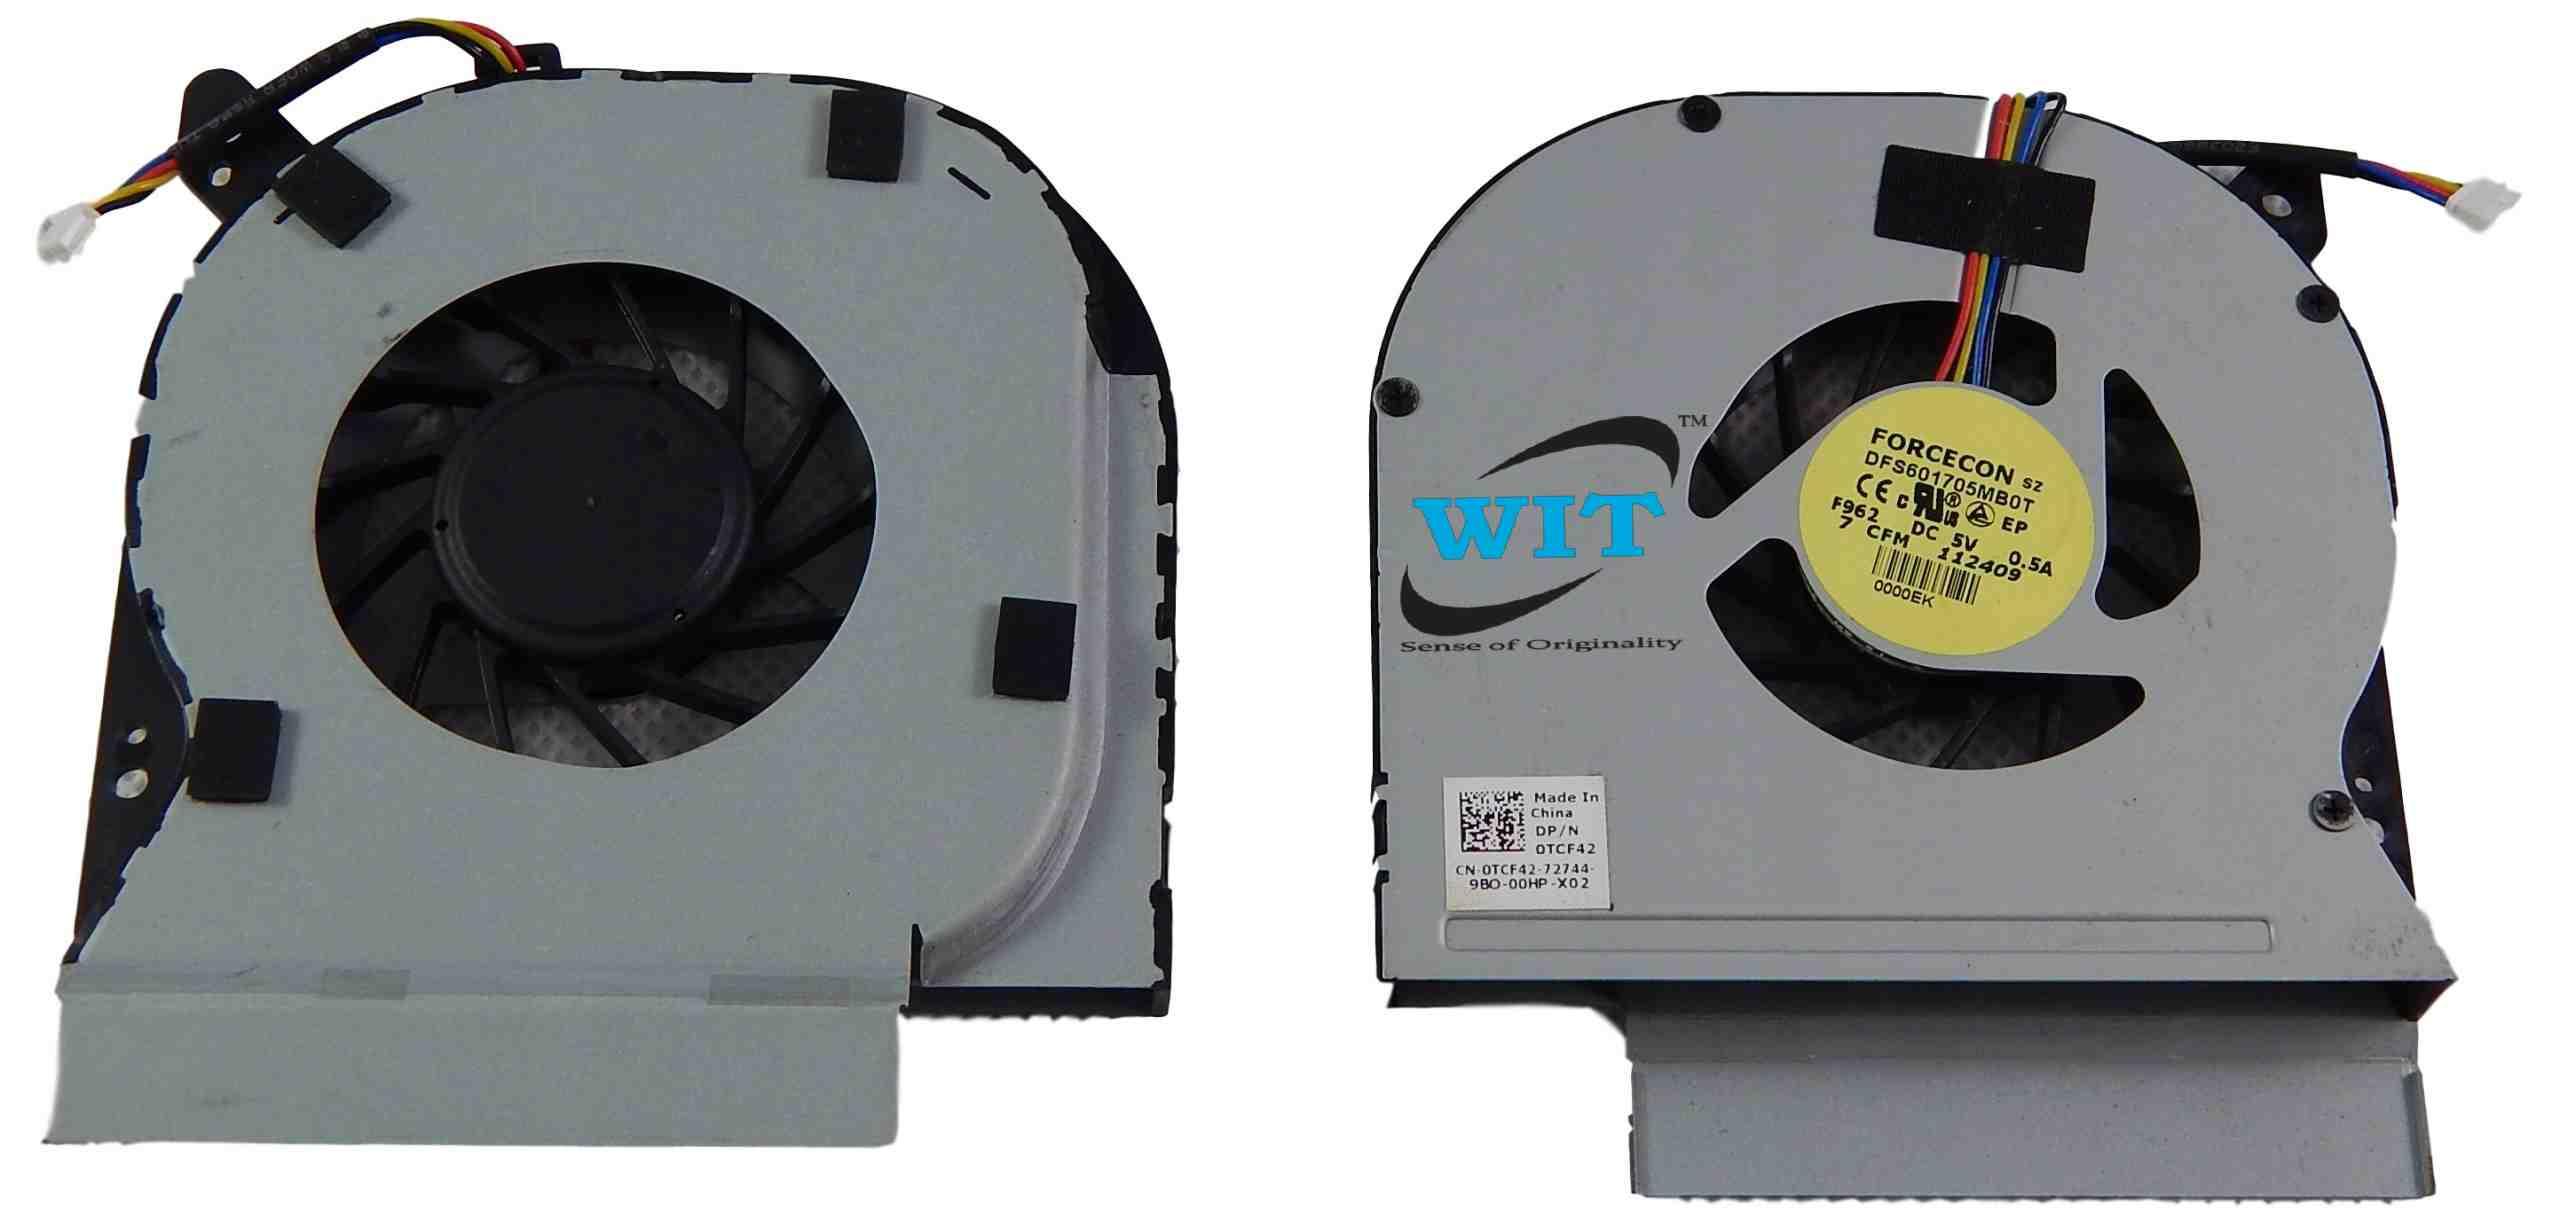 Dell Latitude E6410 E6510 DC280007RVL Laptop/Notebook CPU Cooling Fan